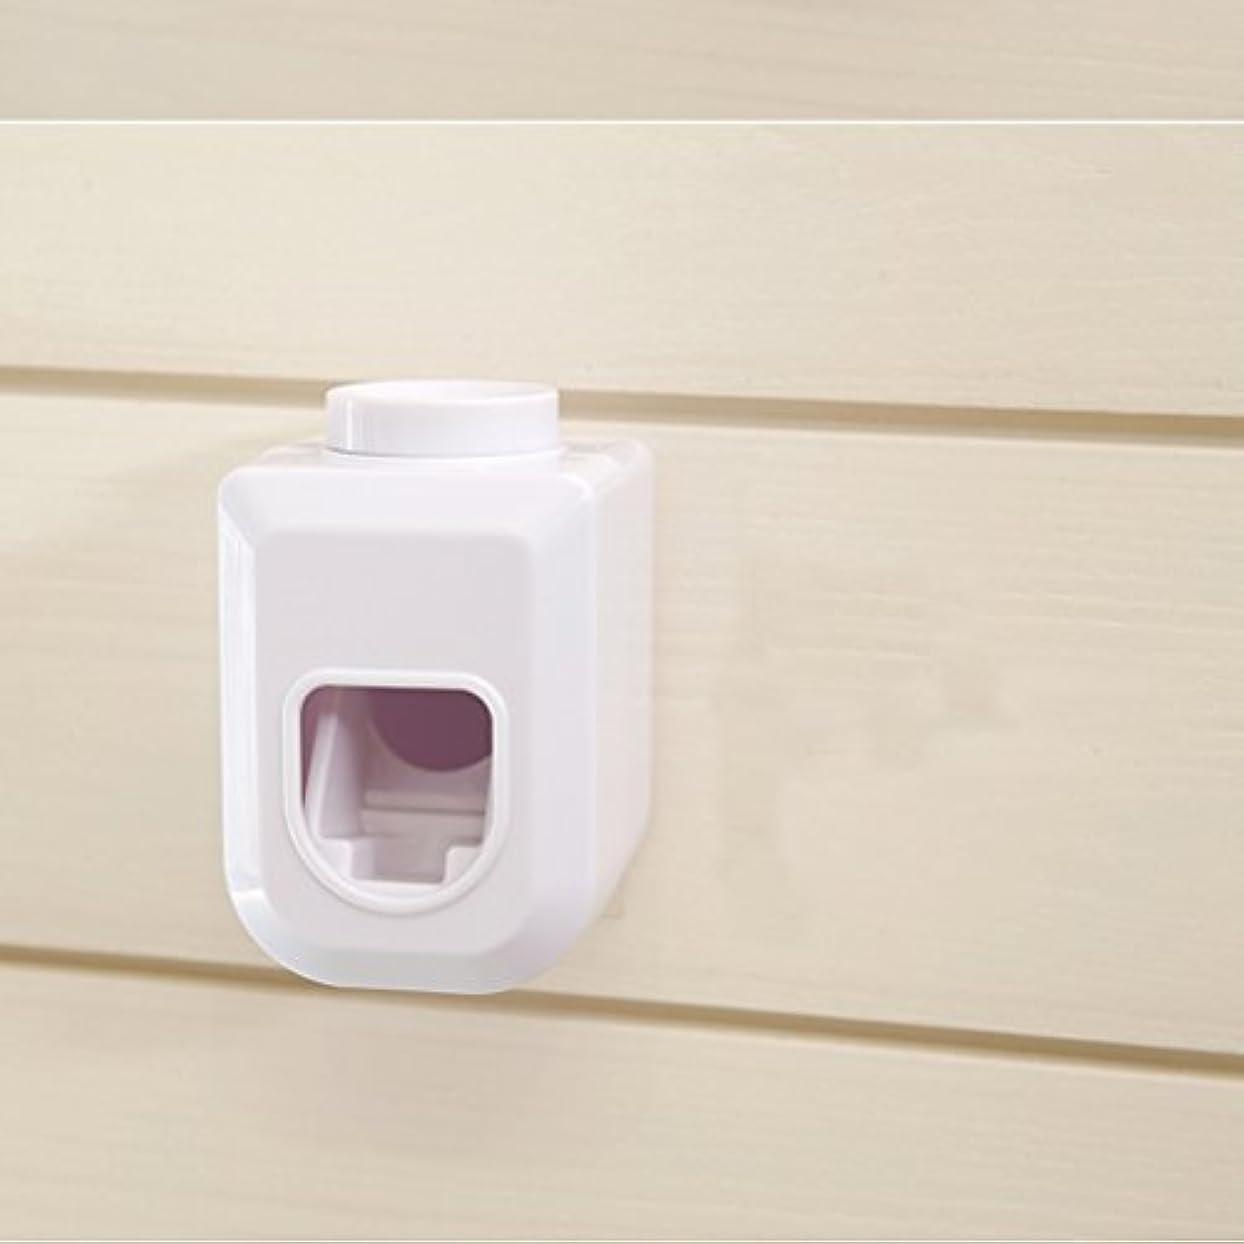 ゴム嵐のペインティングBESTOMZ ハンズフリー歯磨き粉スクイーザー, ウォールマウント自動防塵練り歯磨き粉ディスペンサー白